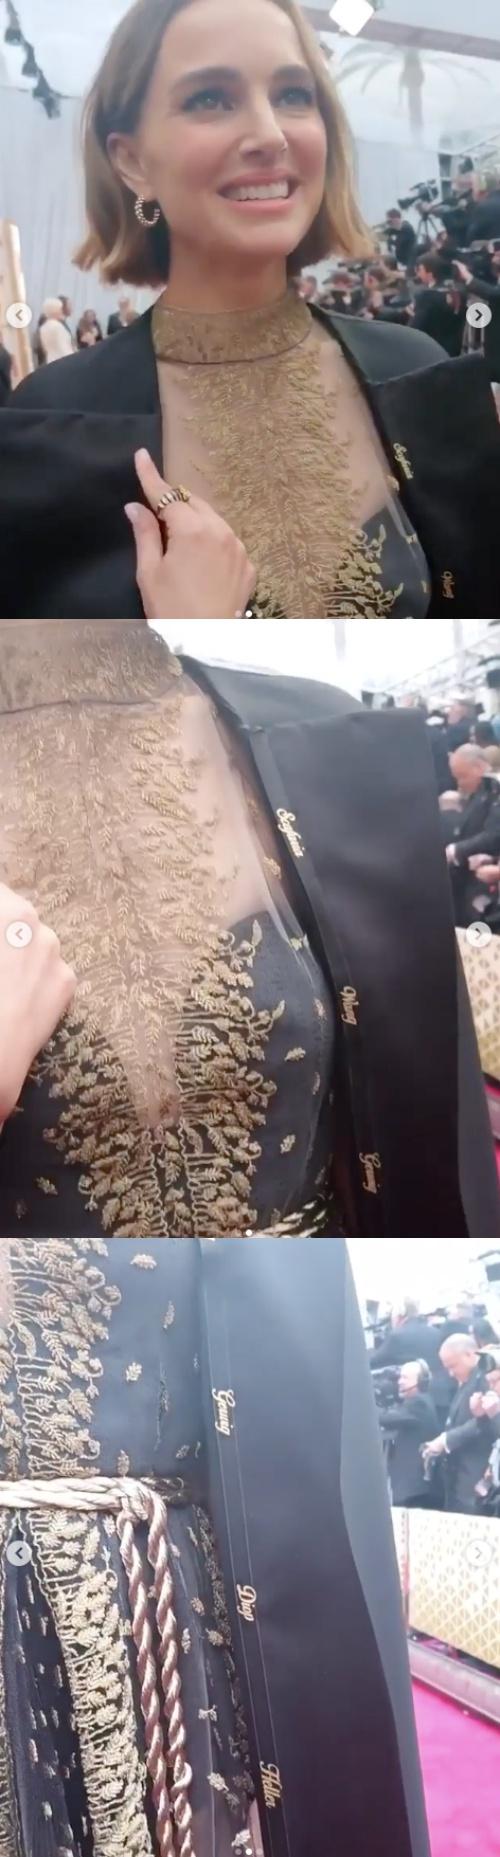 나탈리 포트만, 아카데미 드레스에 女감독들 이름 새겼다..자비에 돌란 '좋아요♥